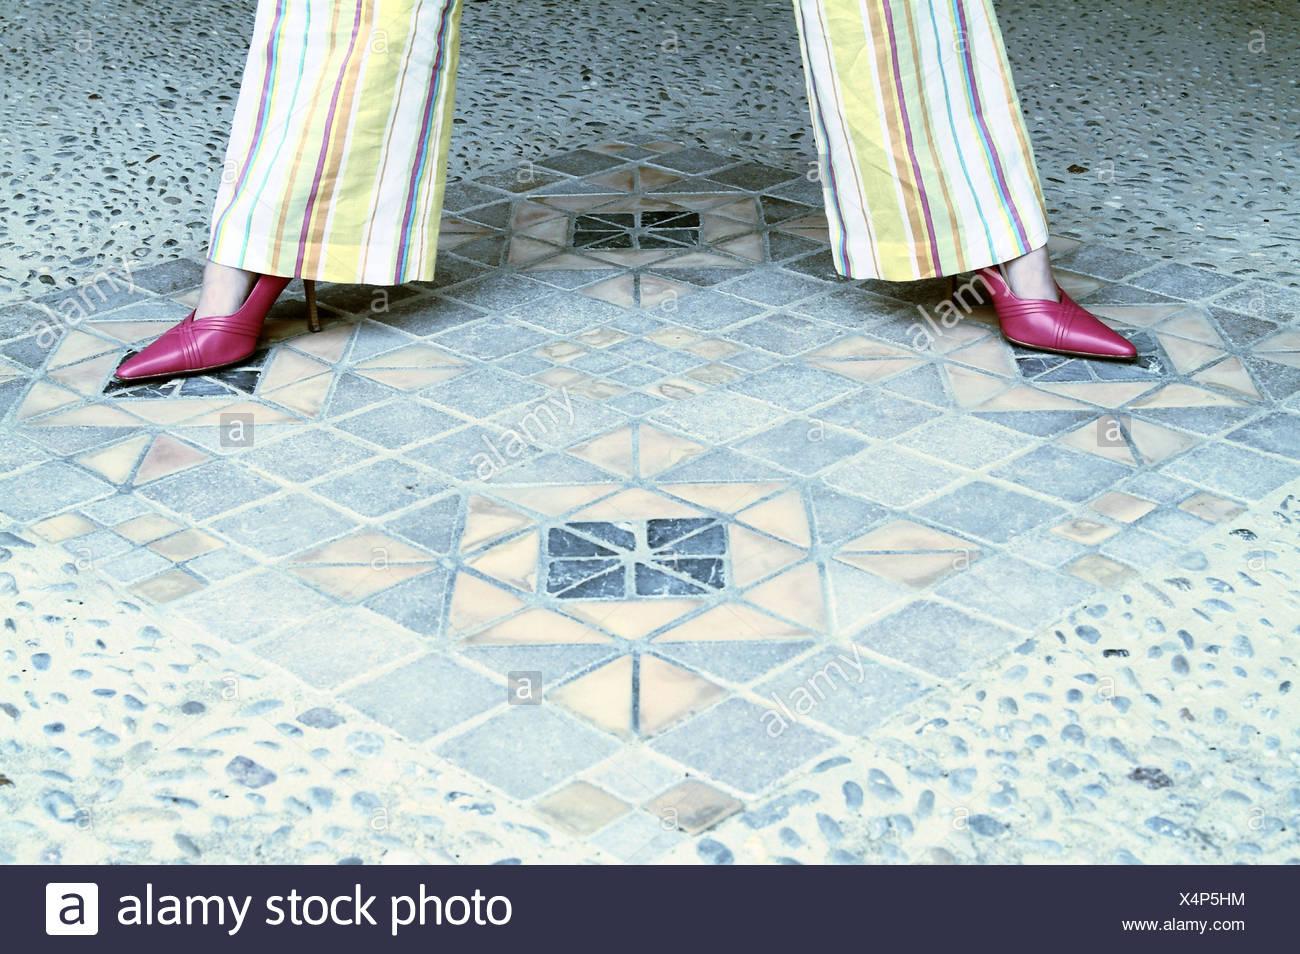 Mosaic floor, woman, detail, Legs, stripe pants, pump, stands ...